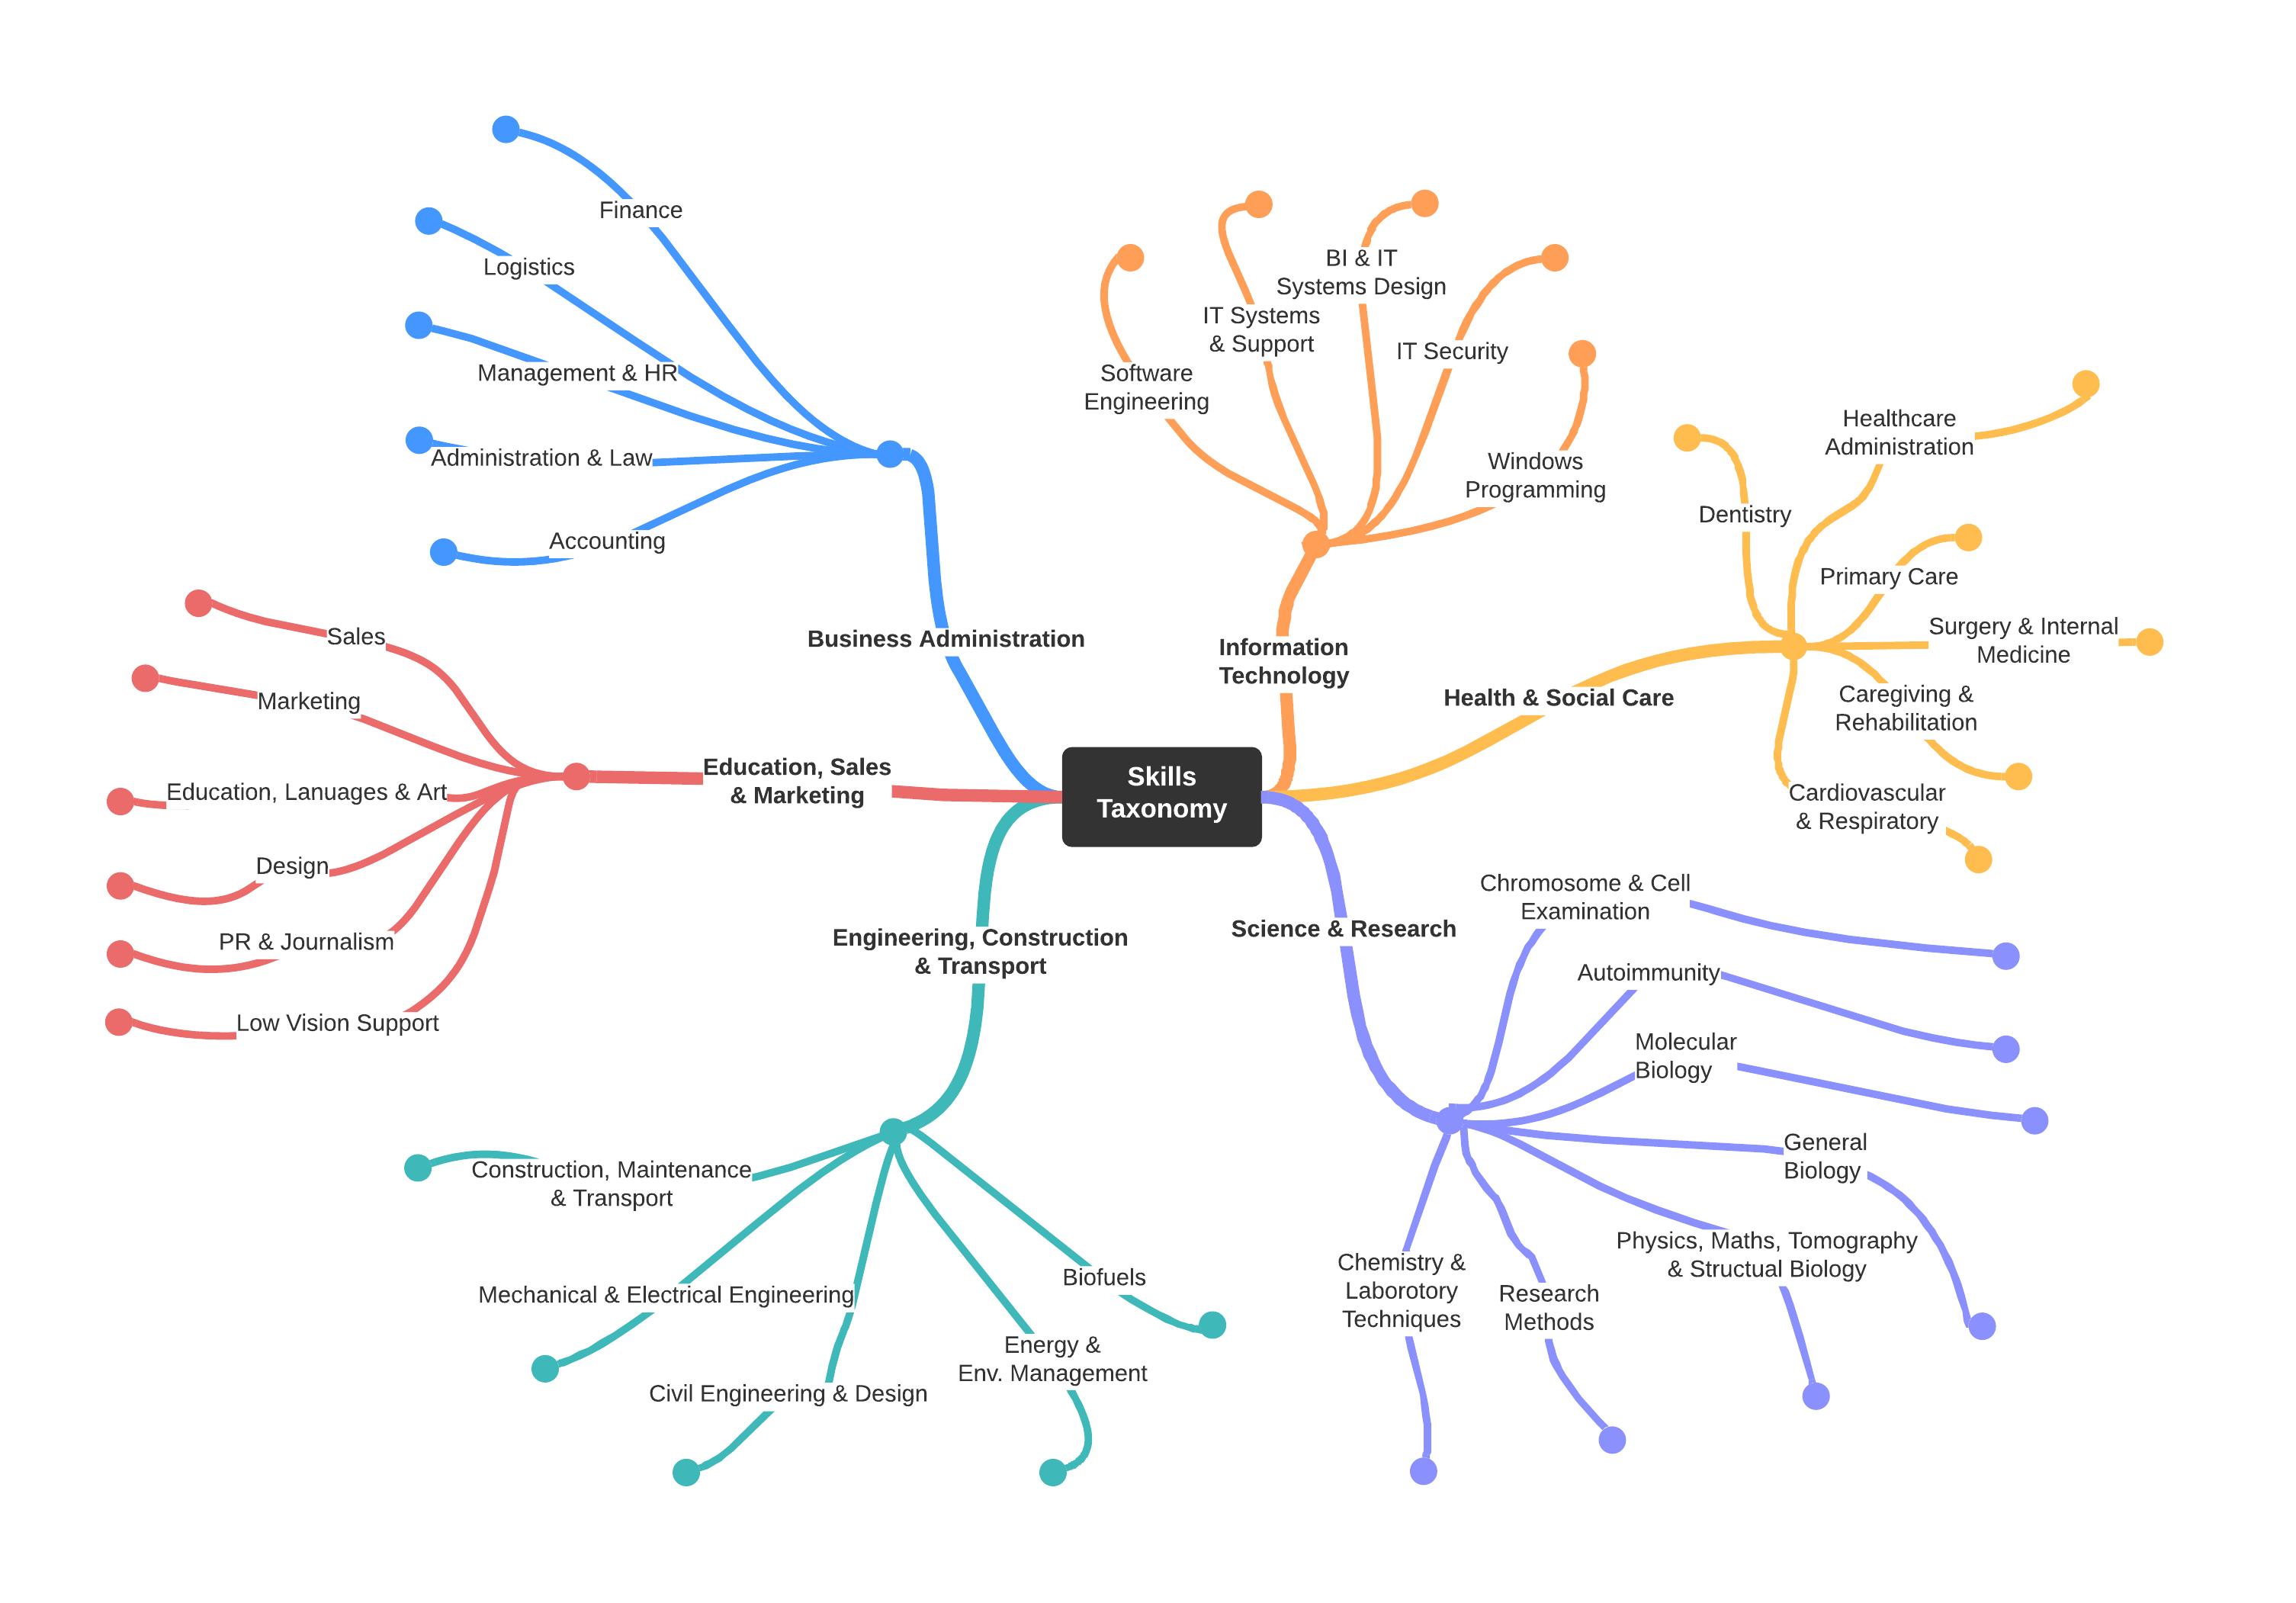 Skill Taxonomy